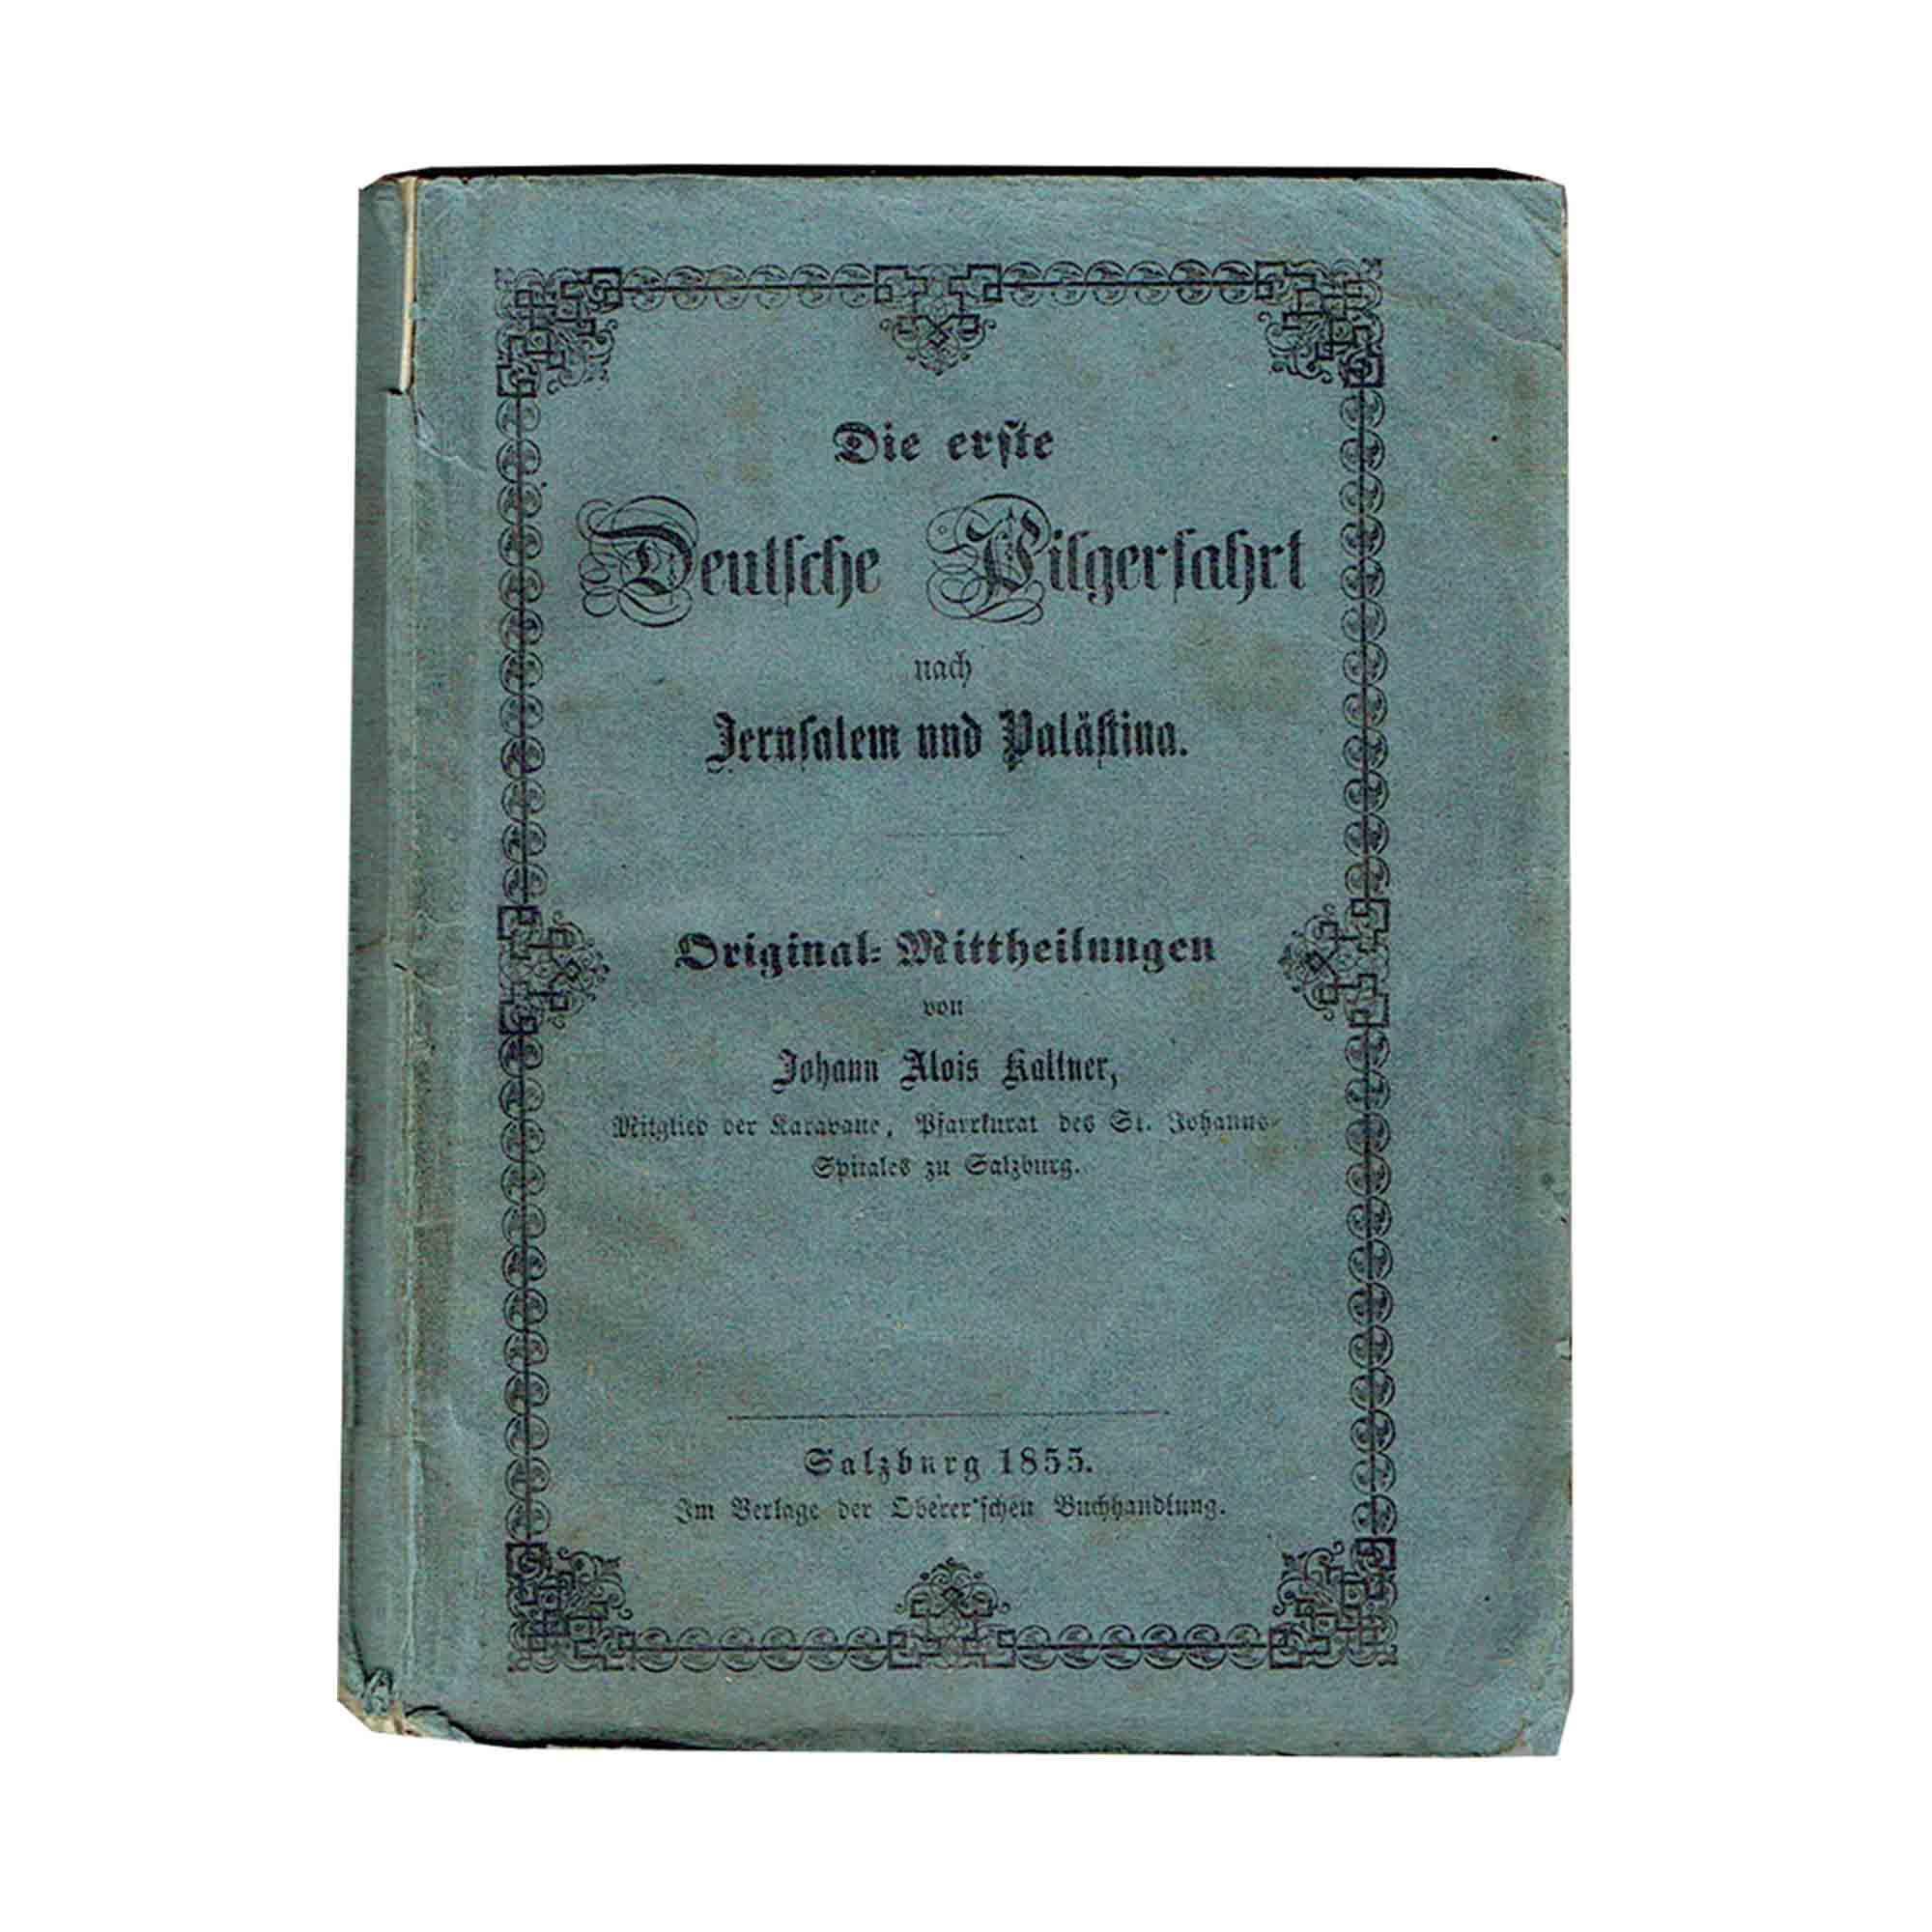 5406-Kaltner-Jerusalem-Palaestina-1855-Umschlag-frei-N.jpg